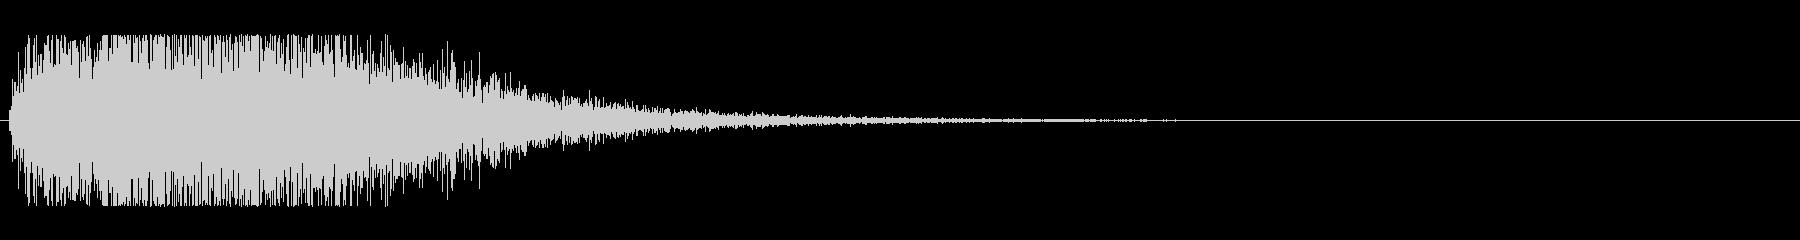 レトロな砲撃・爆発音#29レーザーの未再生の波形